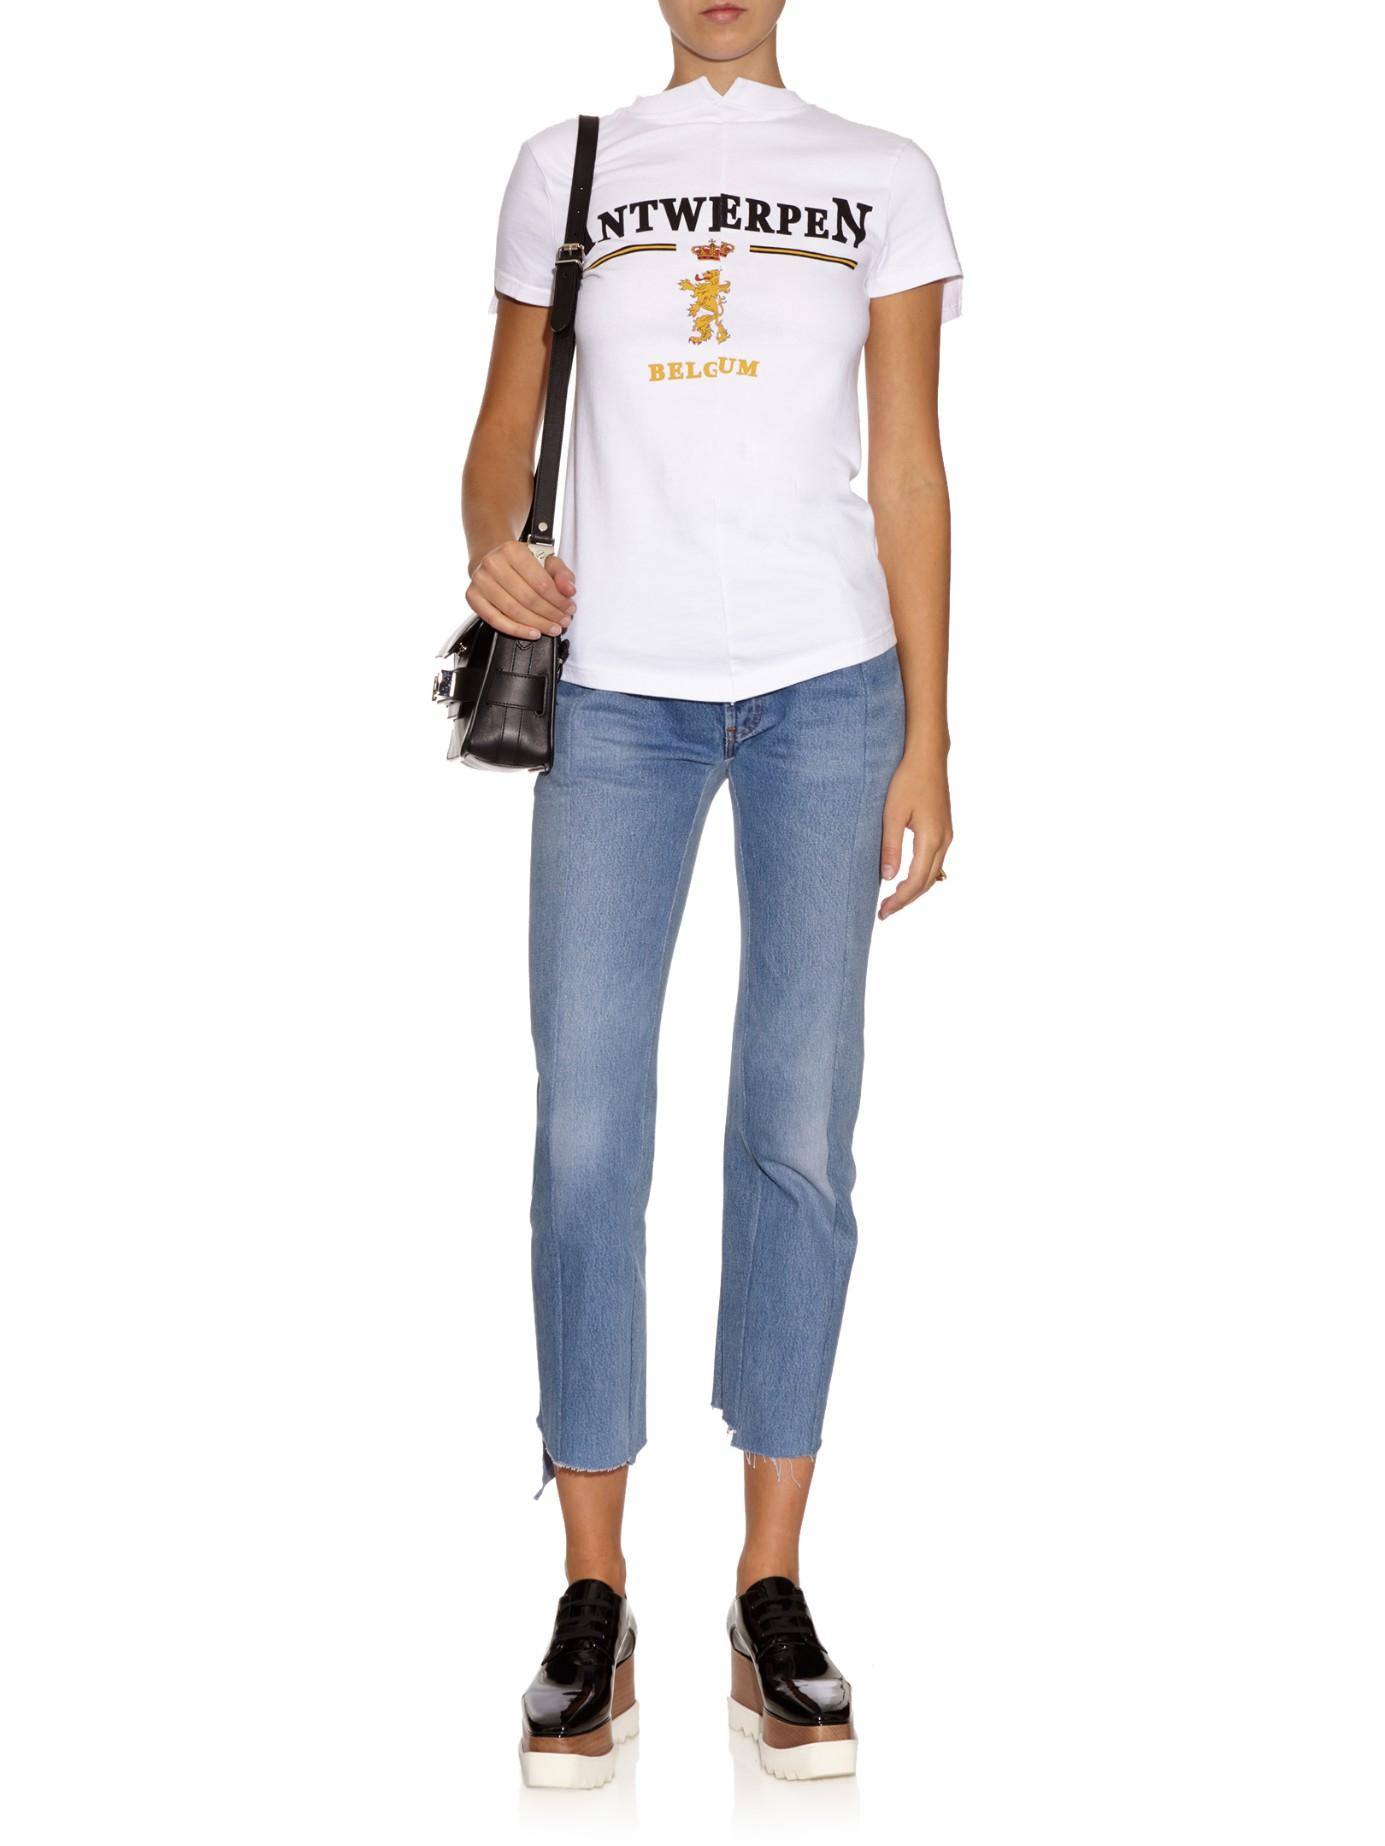 White V Neck T Shirt For Women